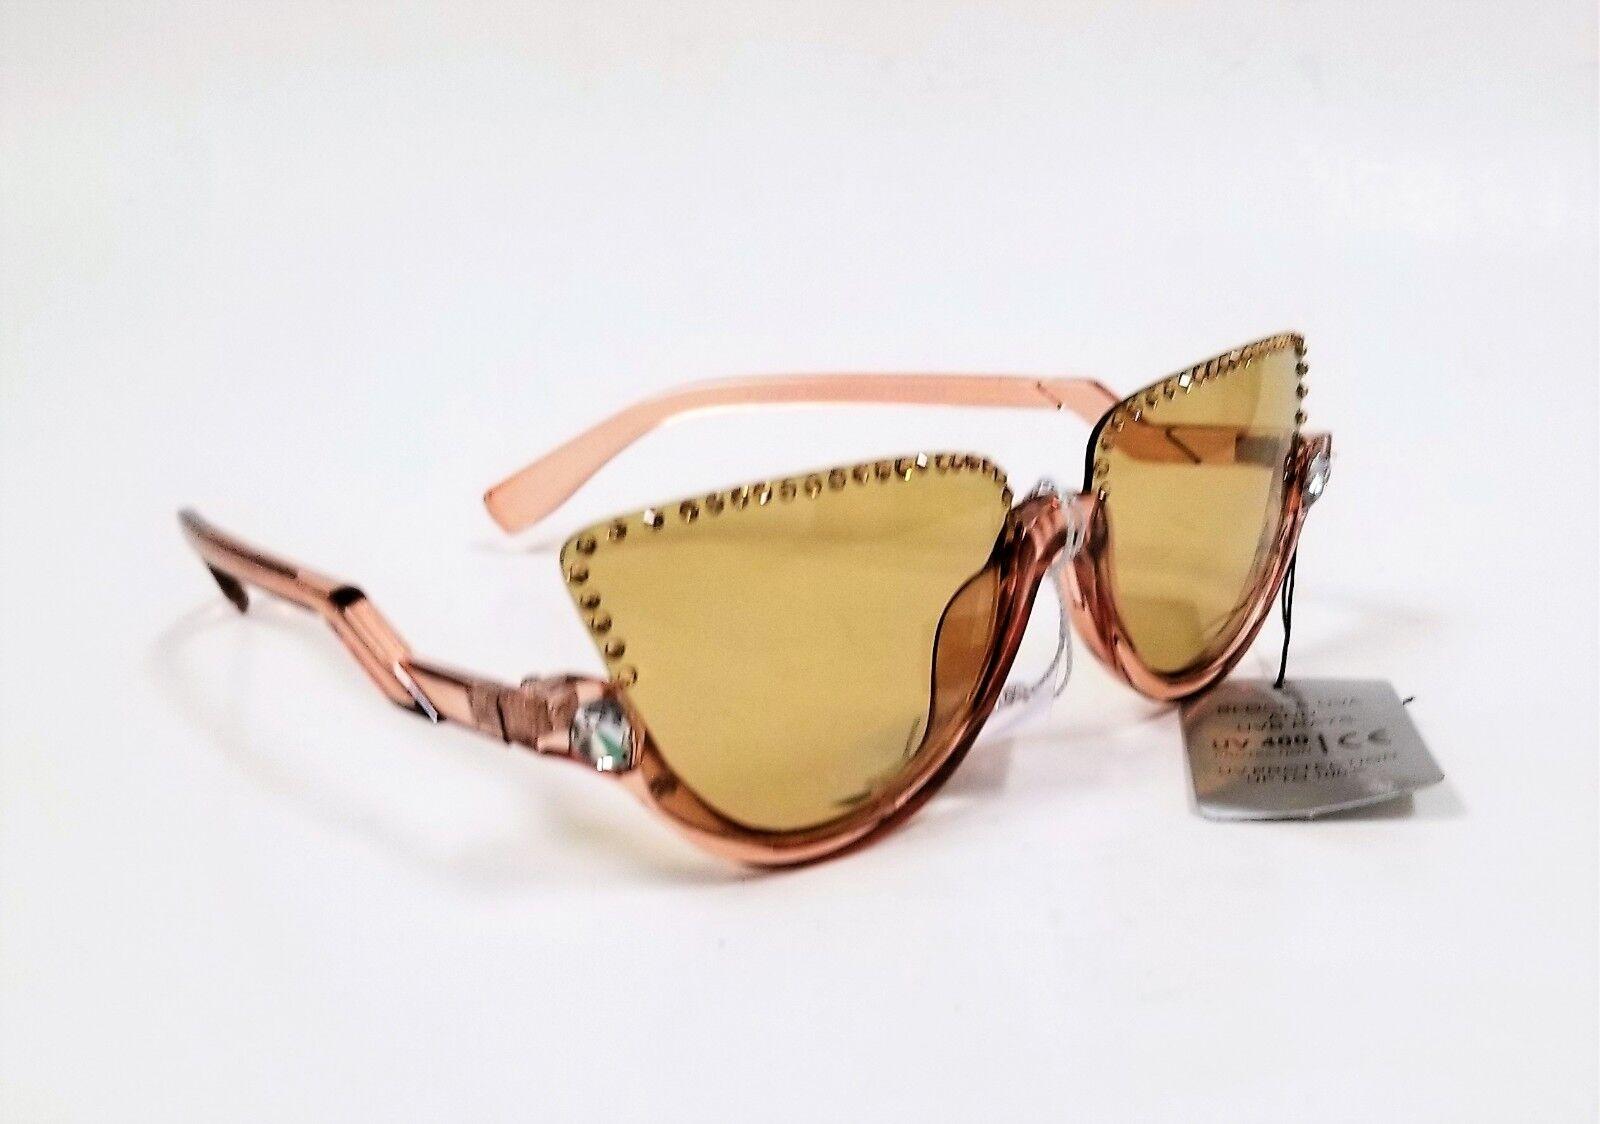 Neu Gelb-Braun Plastik, Swarovski Kristall 100% UV Linse Sonnenbrille     | Offizielle Webseite  | Sonderpreis  | München Online Shop